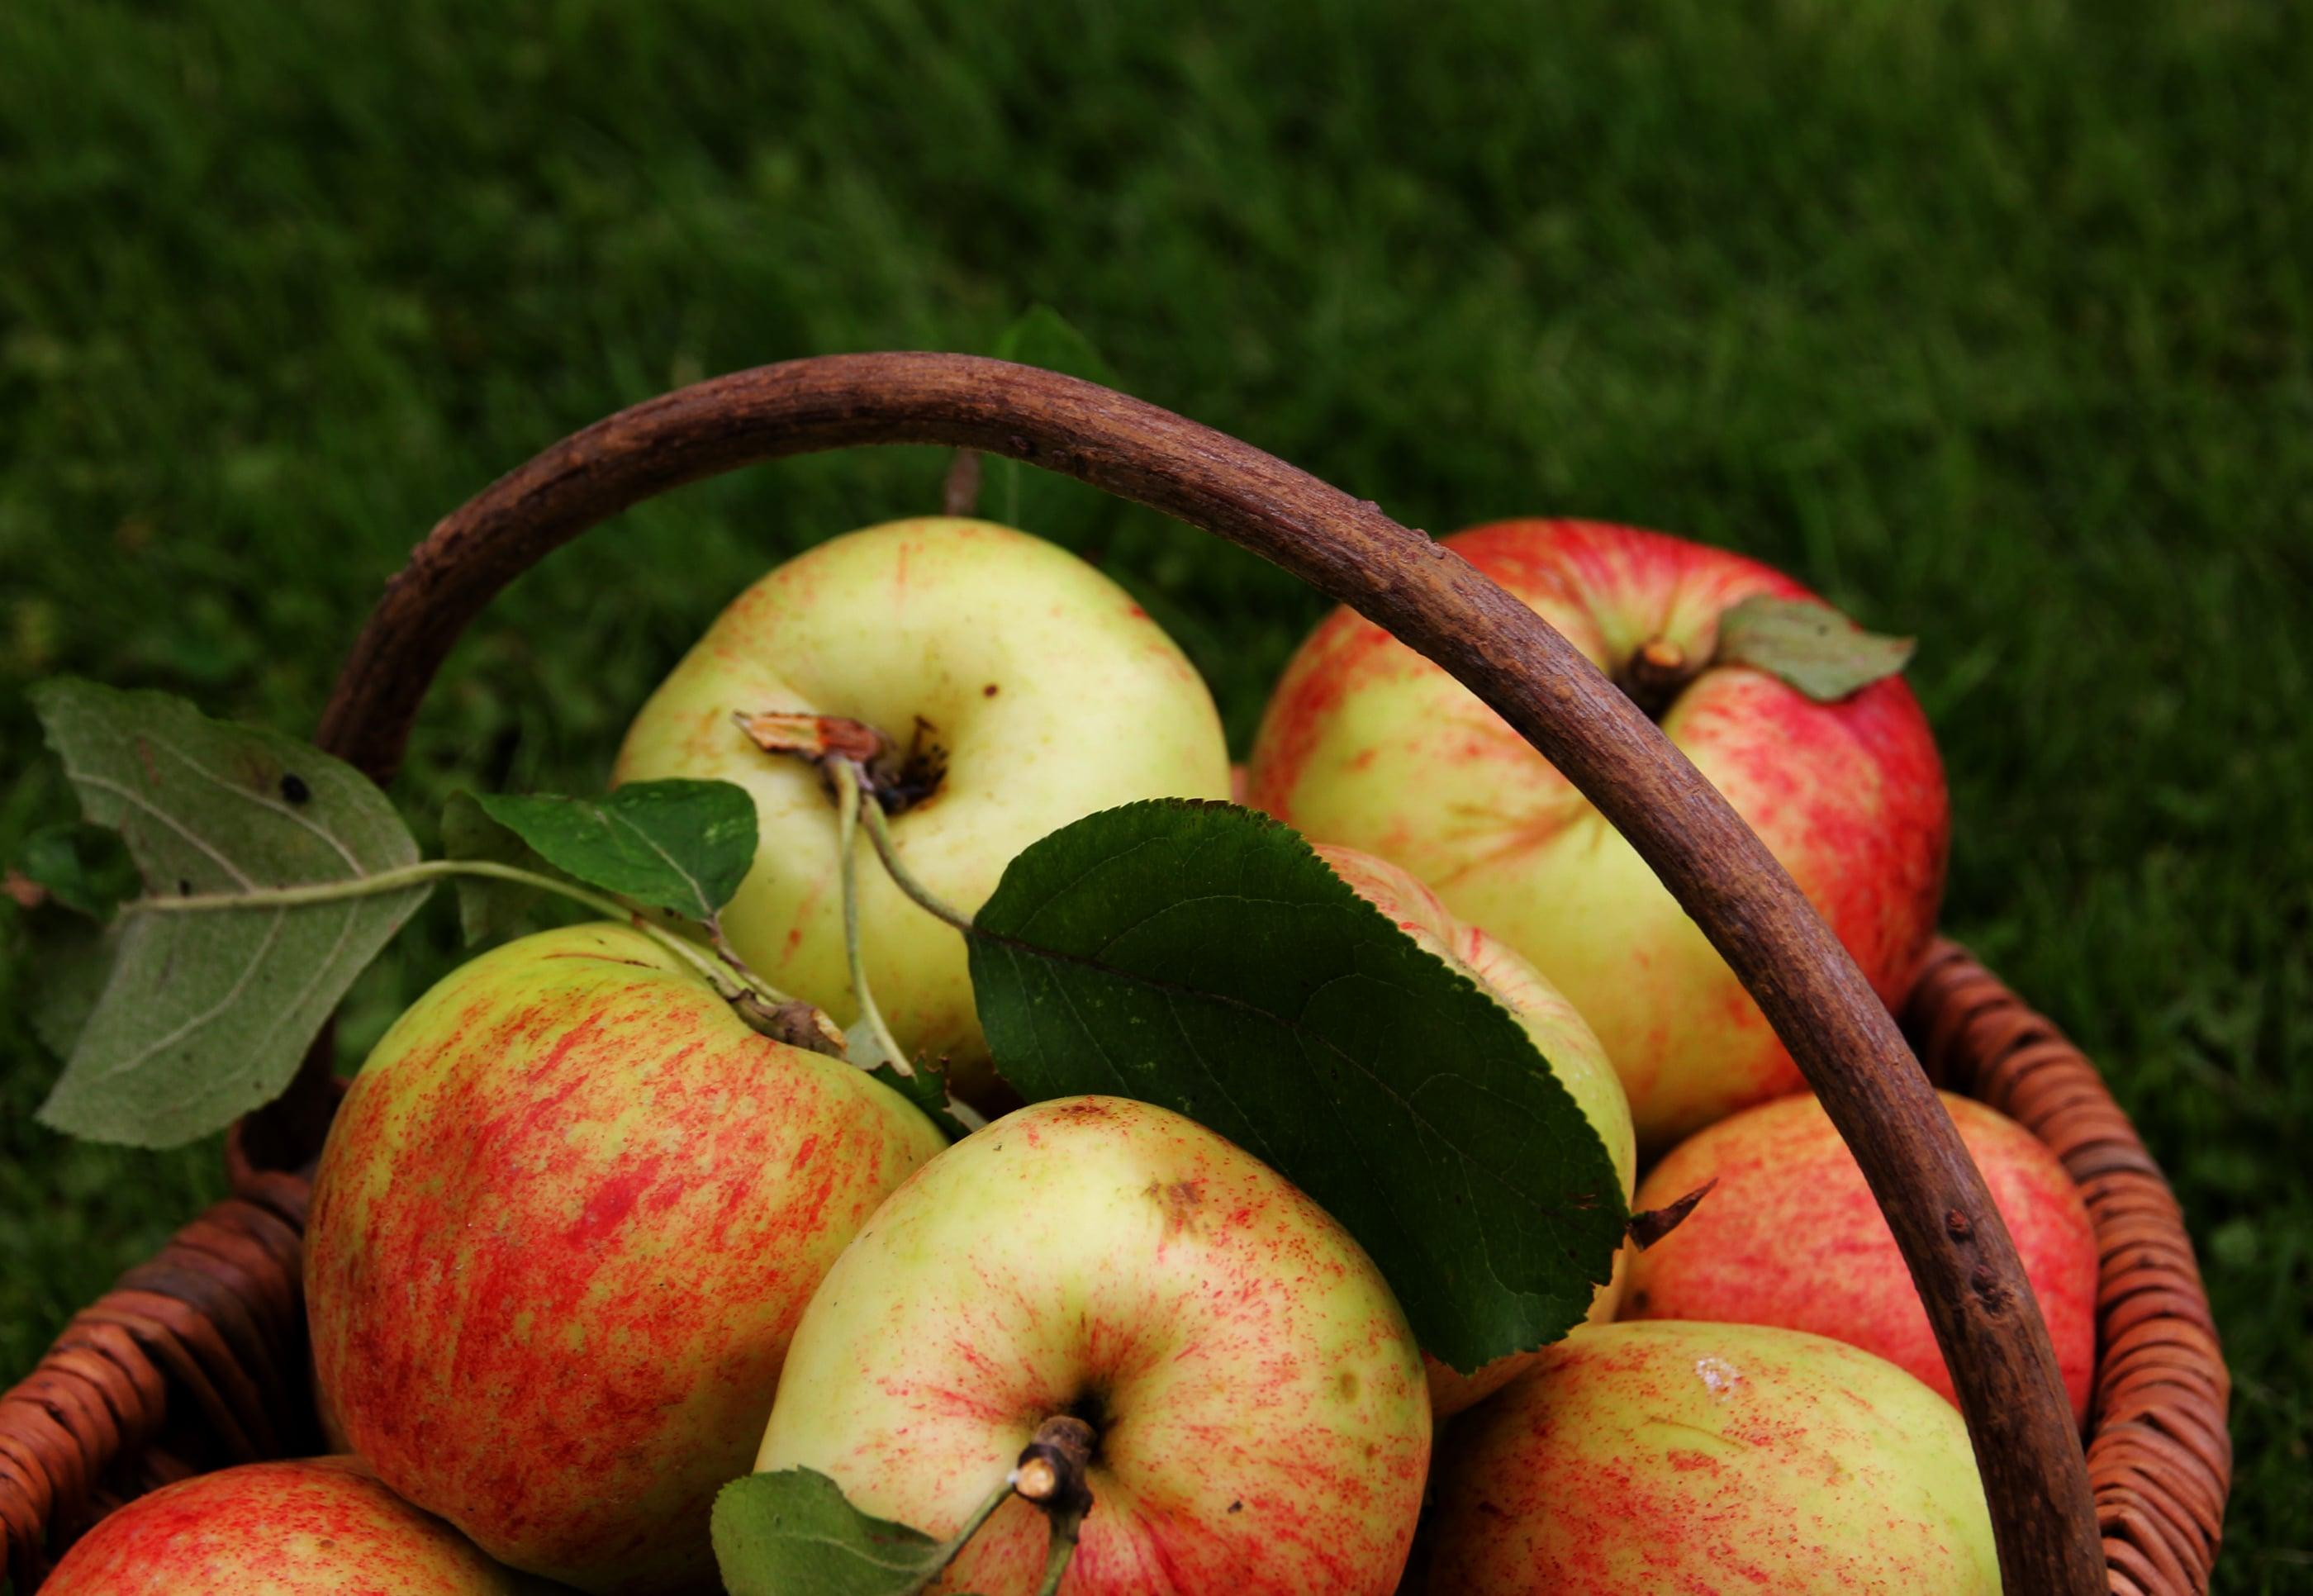 Äpfel in einem Korb